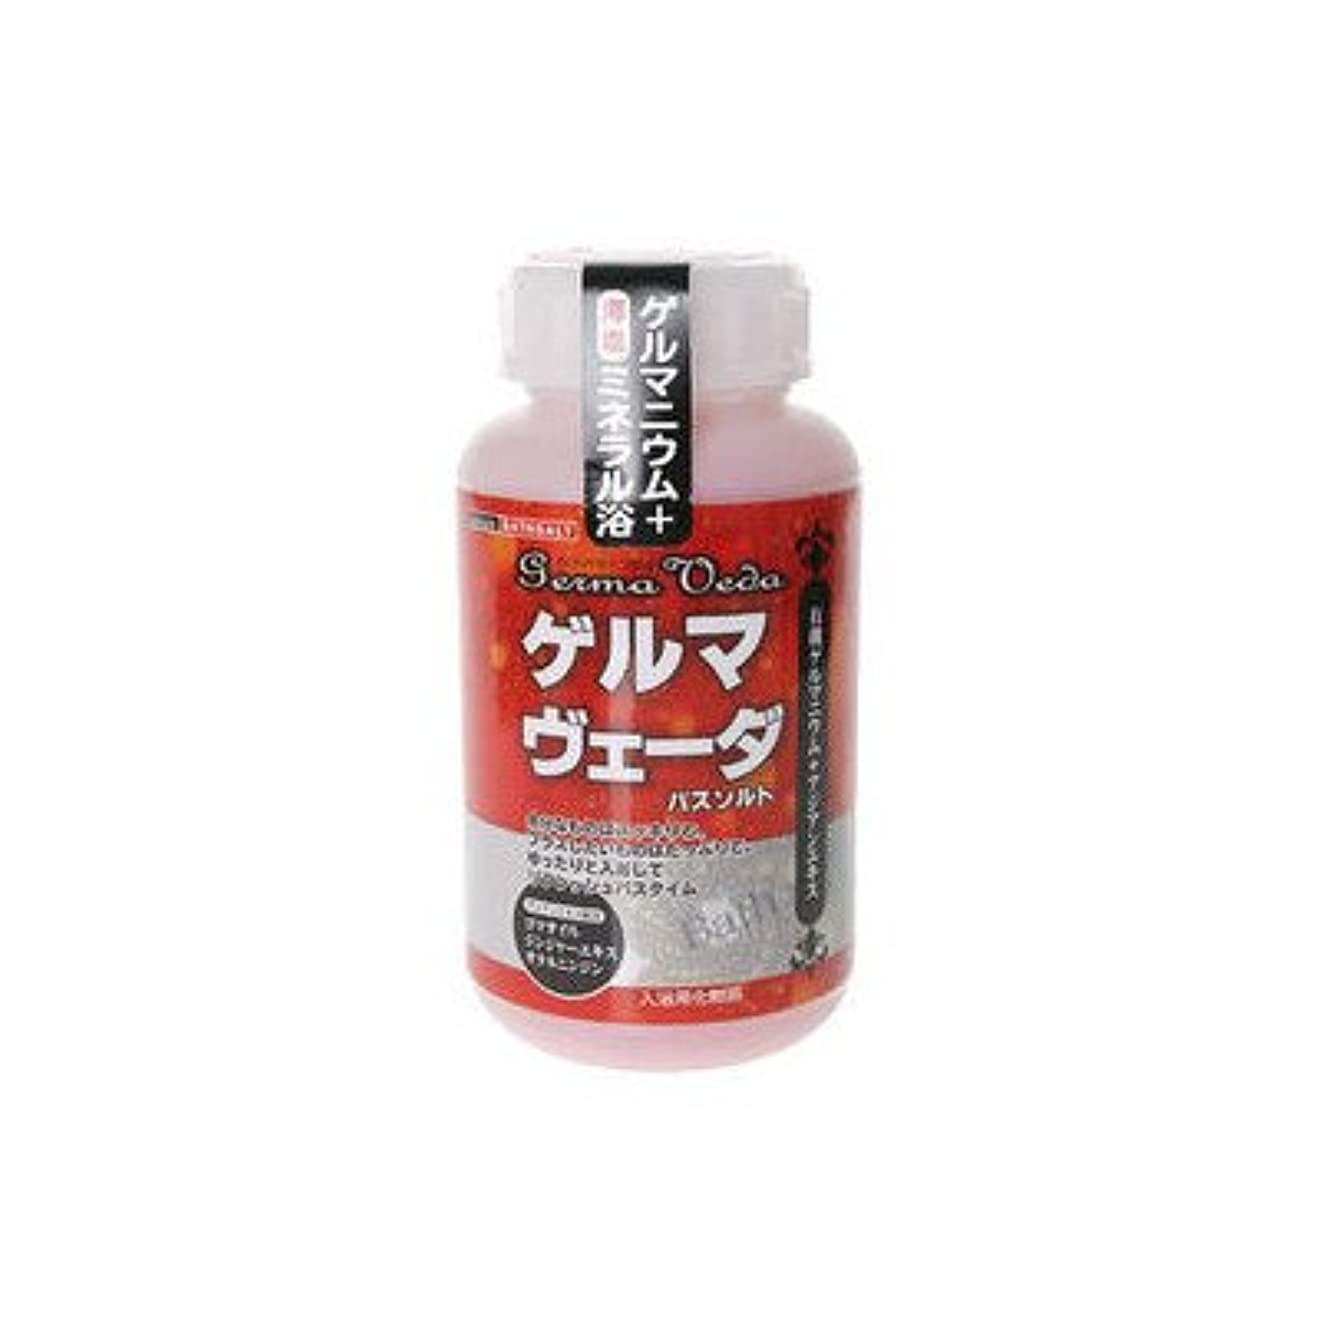 起きる揺れる小麦粉ゲルマヴェーダ(ゲルマニウム温浴) ボトル(630g) 2本